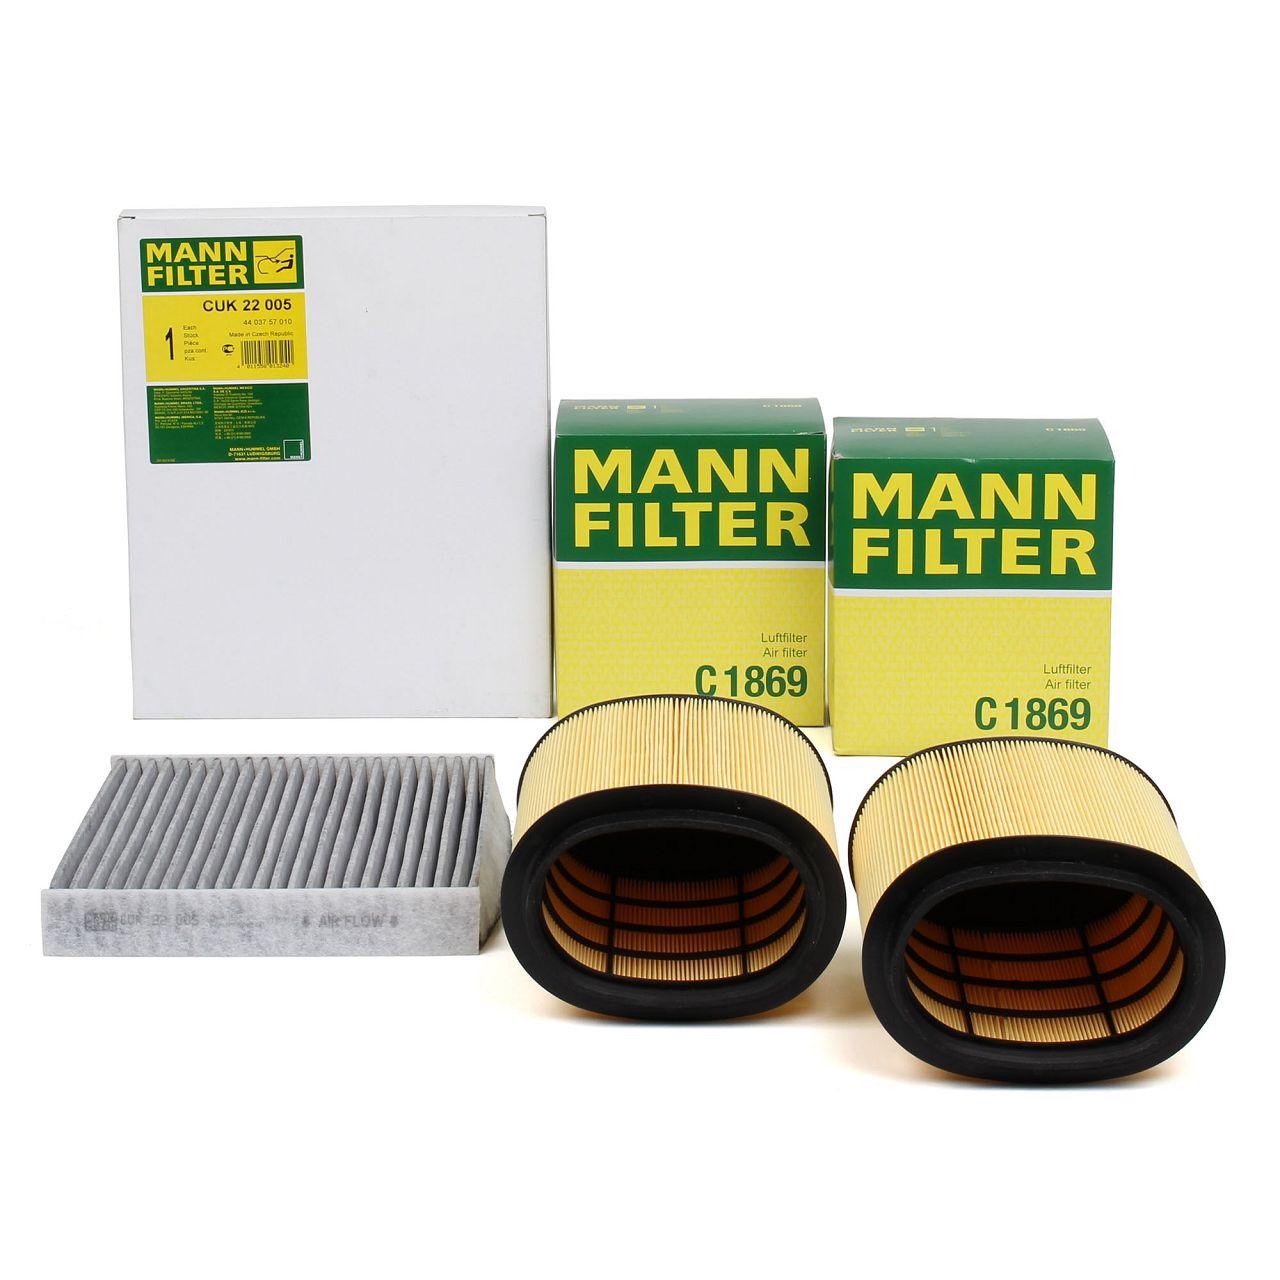 MANN Inspektionskit Filterpaket Filterset für PORSCHE PANAMERA 970 4.8 GTS 430PS